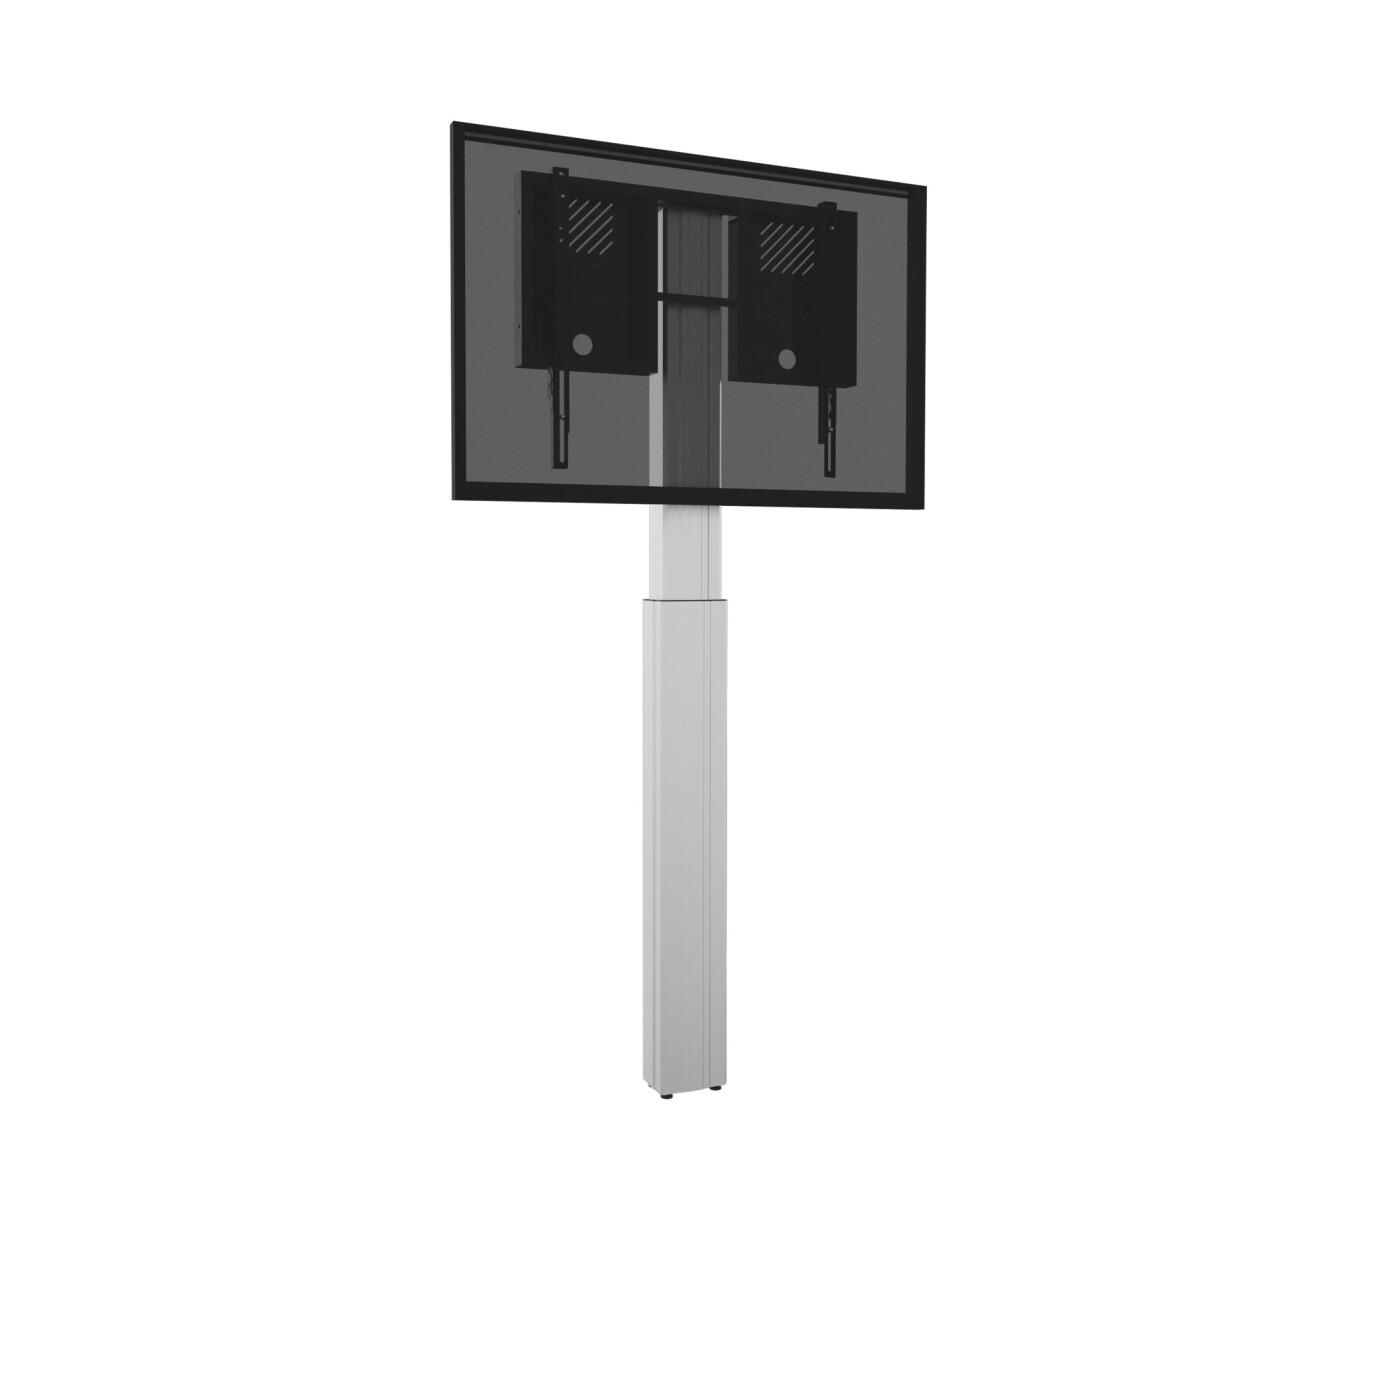 celexon Expert elektrisch höhenverstellbarer Display-Ständer Adjust-4286WS mit Wandbefestigung - 90cm